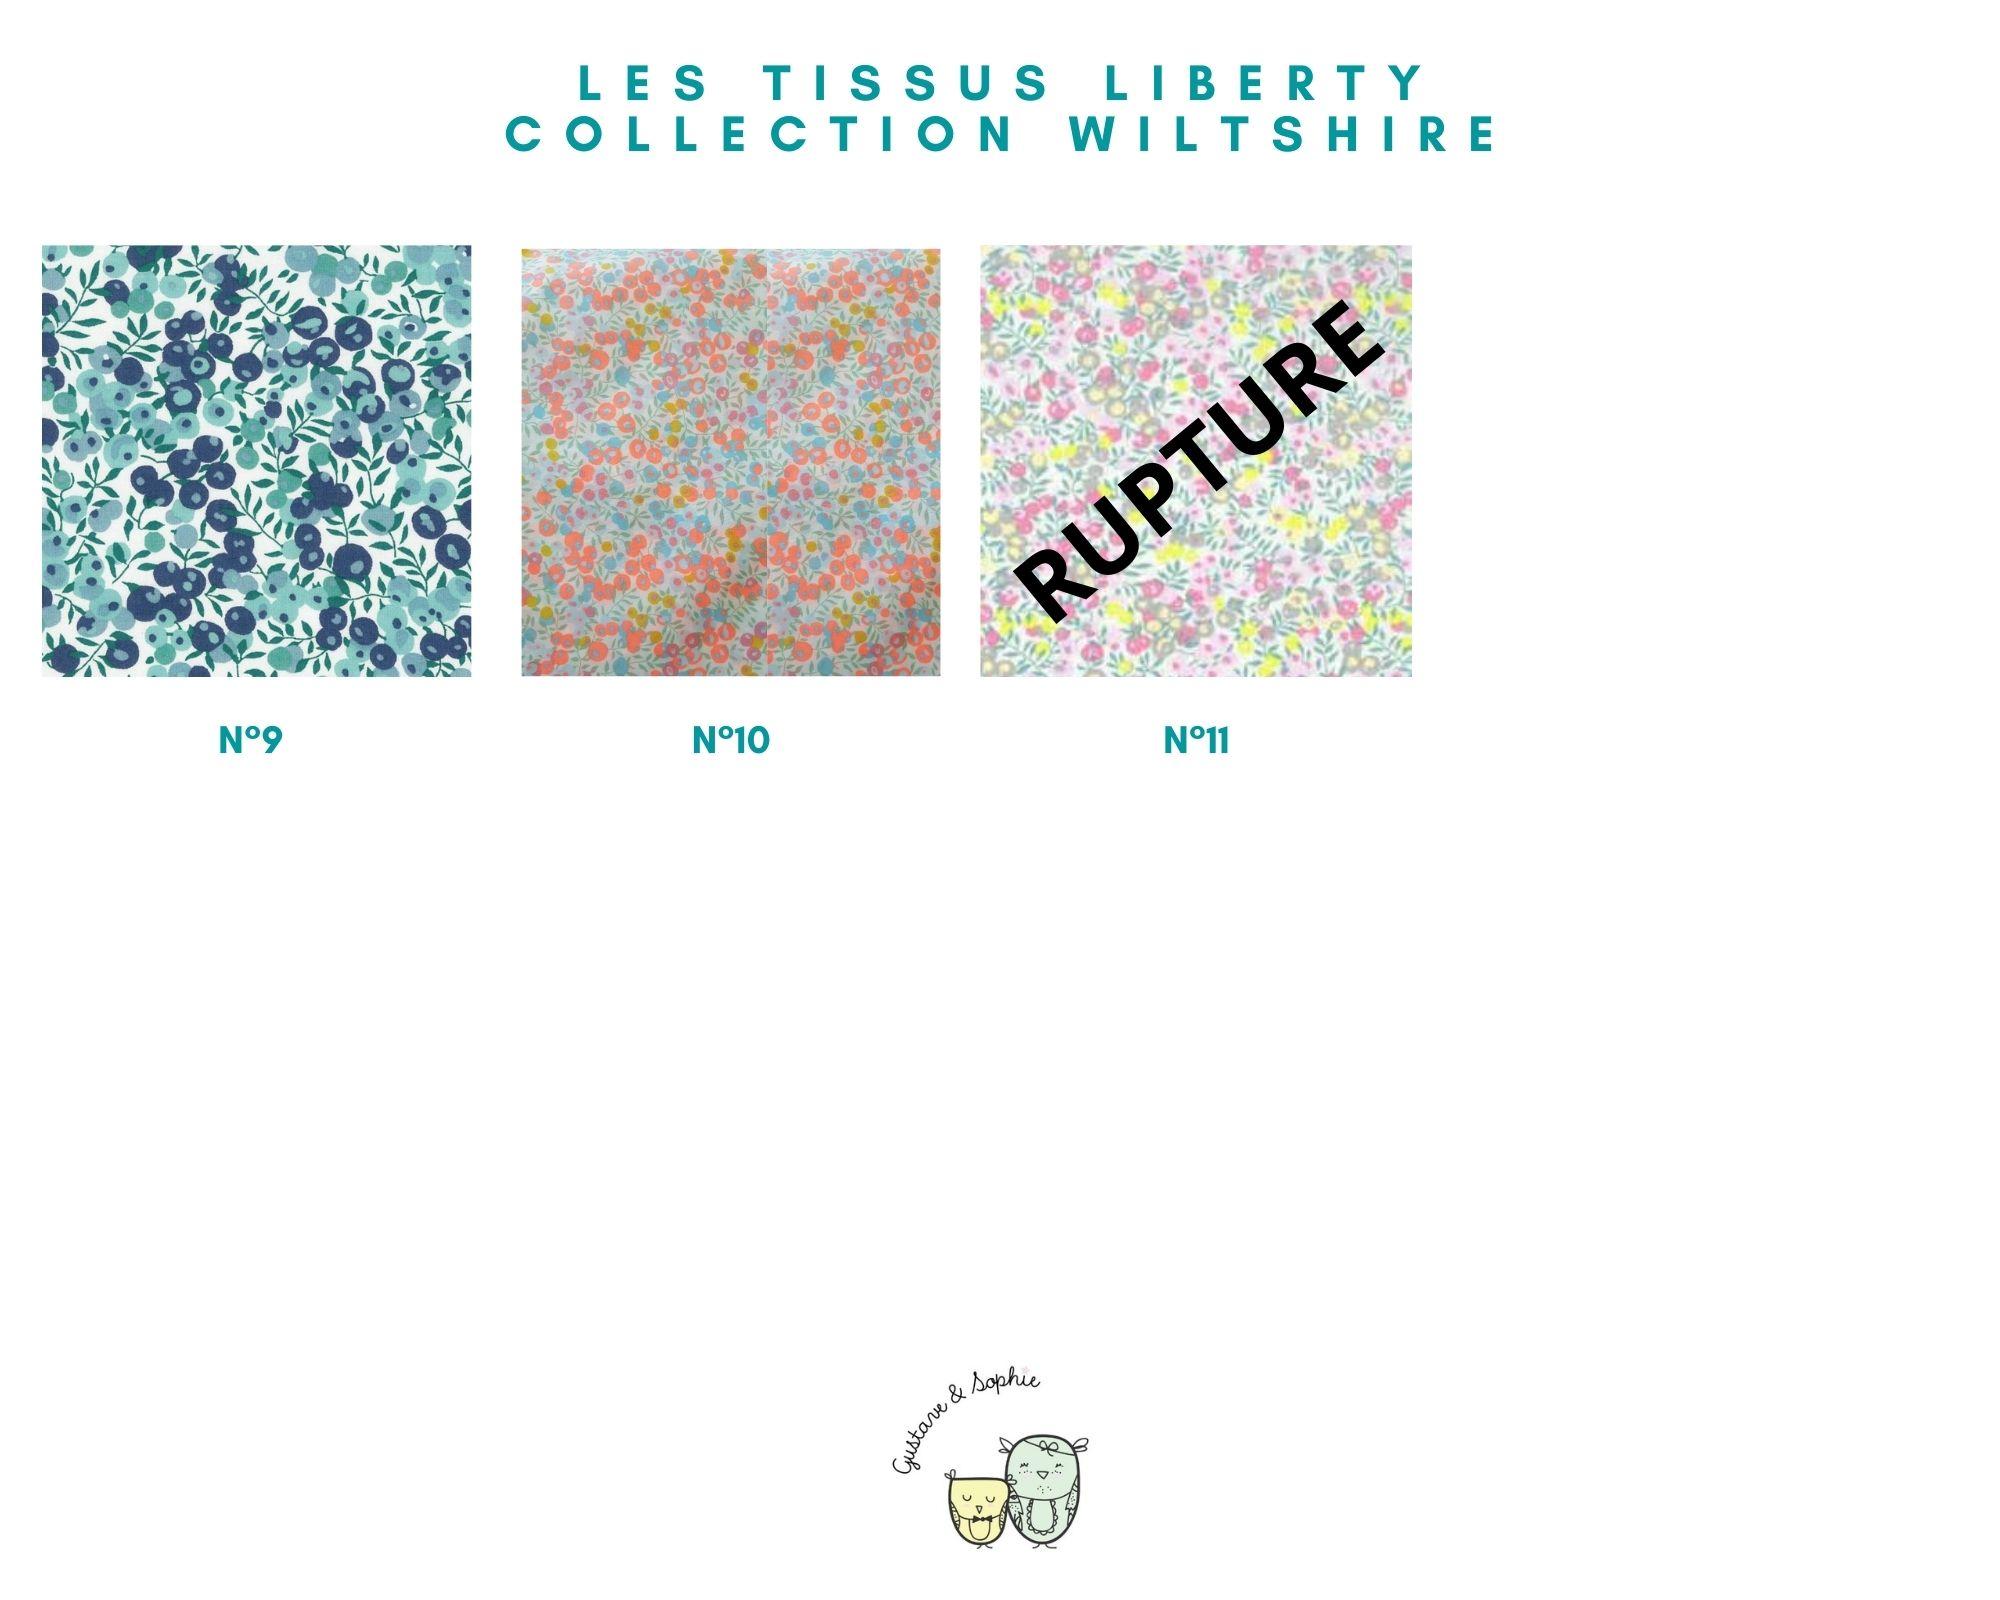 tissu-liberty-wiltshire-commande-personnalisee-accessoire-sur-mesure-enfant-gustavesophie